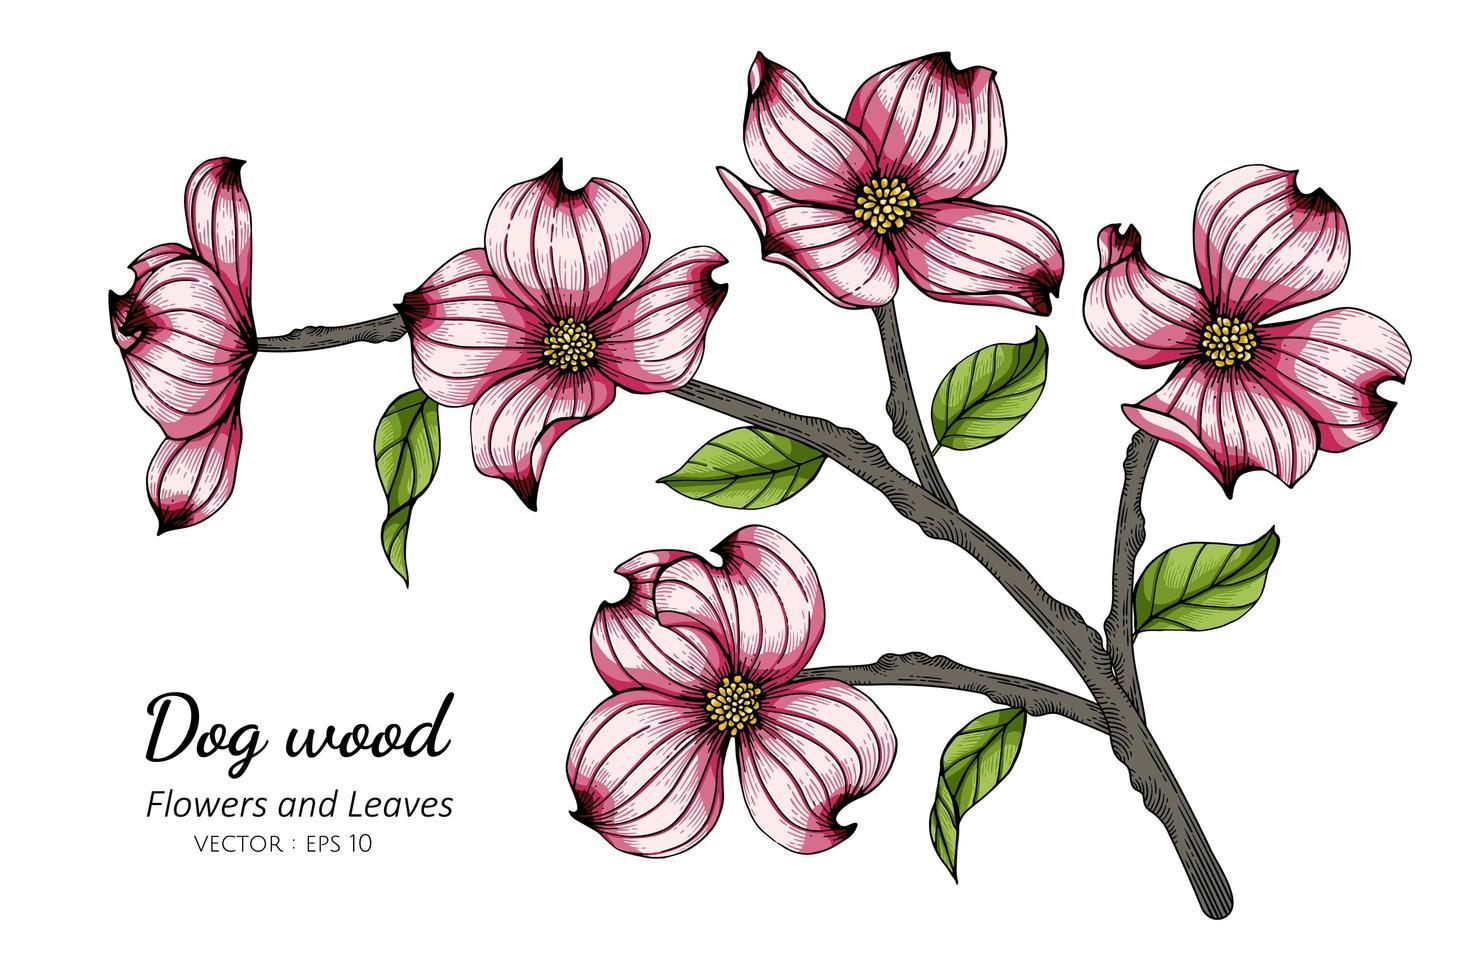 rosa dogwood blomma och blad ritning vektor